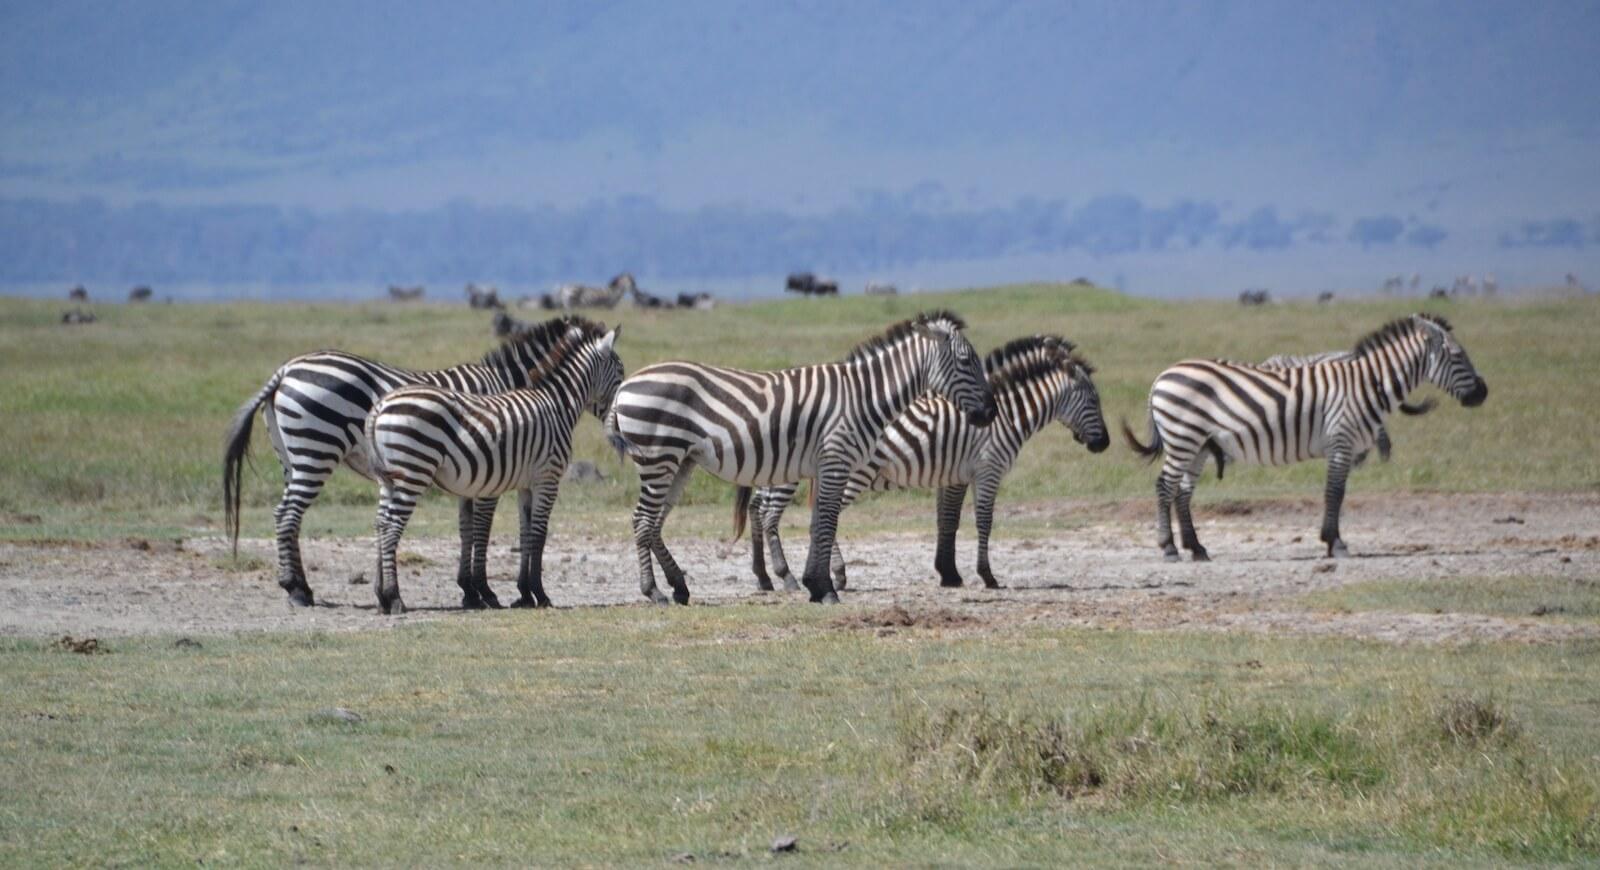 Na safari - fot. Jerzy Kostrzewa